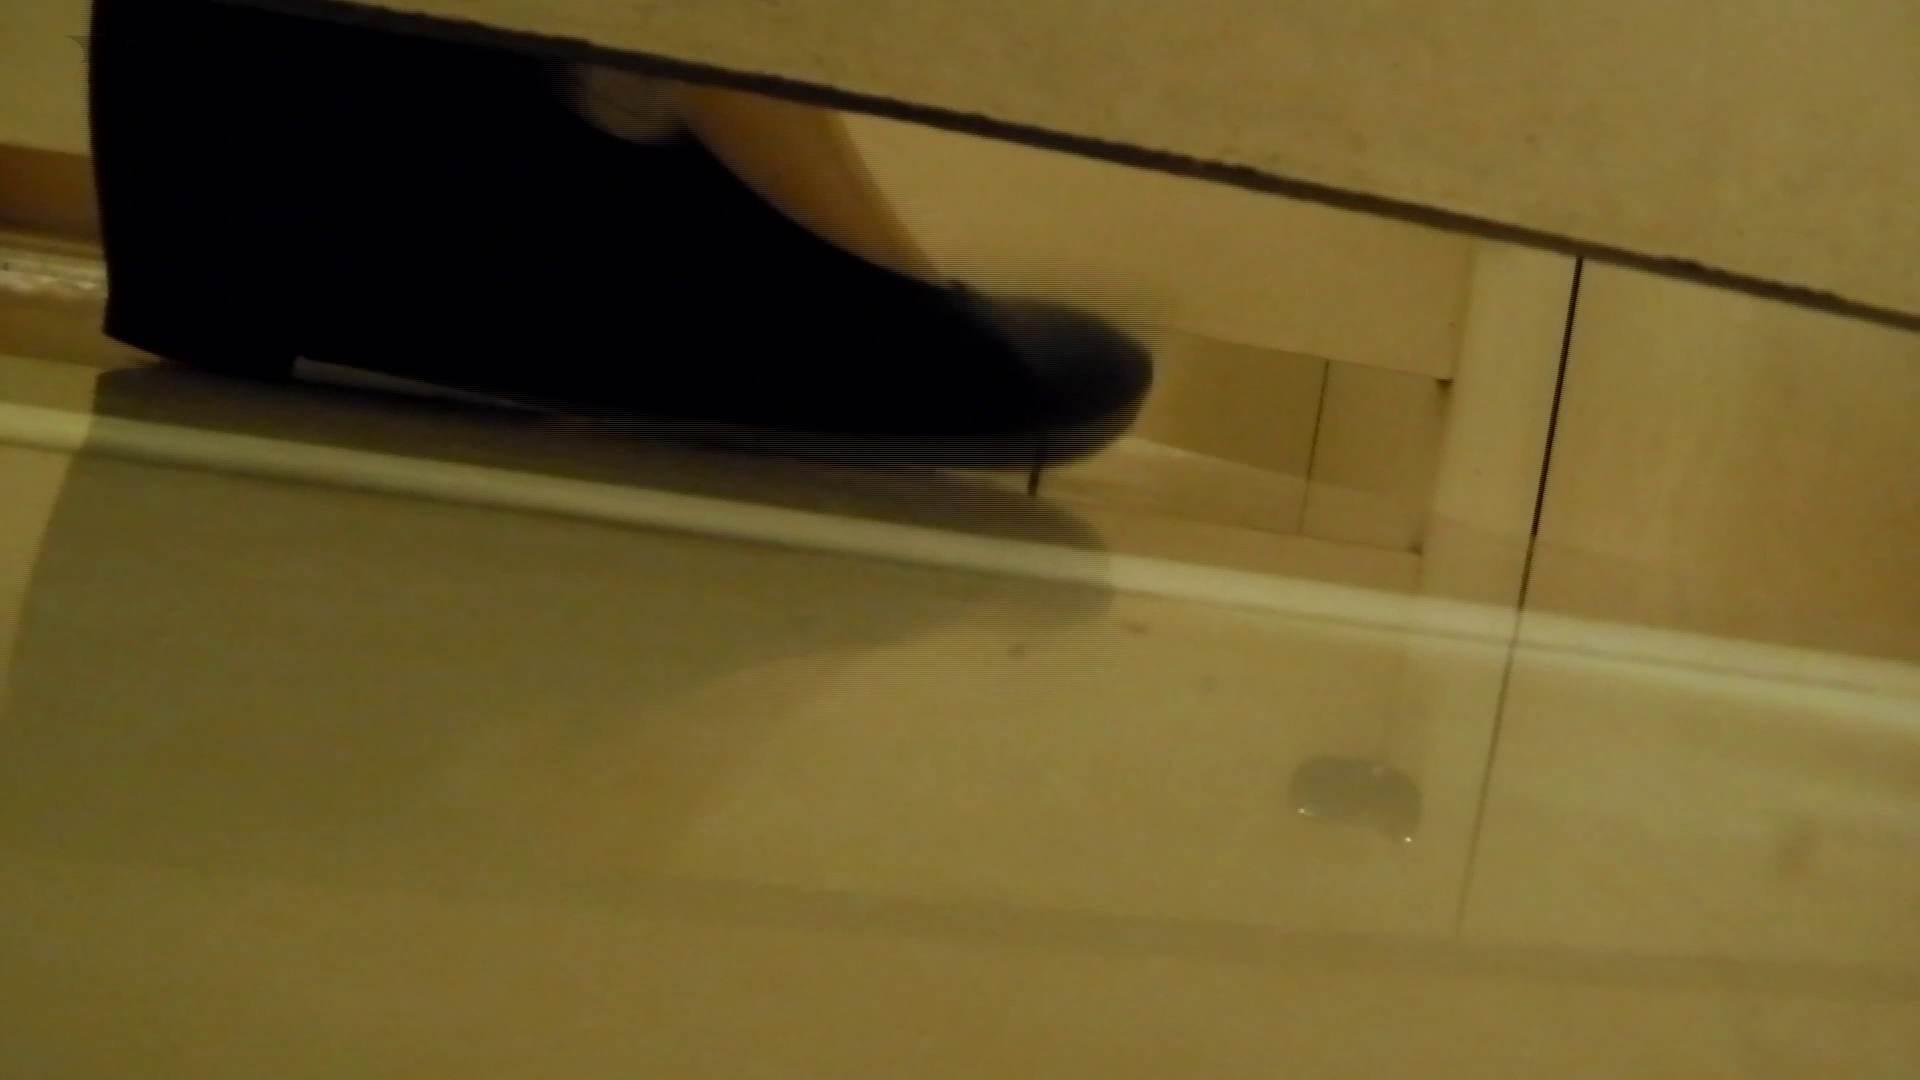 新世界の射窓 No78 トリンドル 玲奈似登場シリーズ美女率最高作! 美女 AV無料 103画像 59